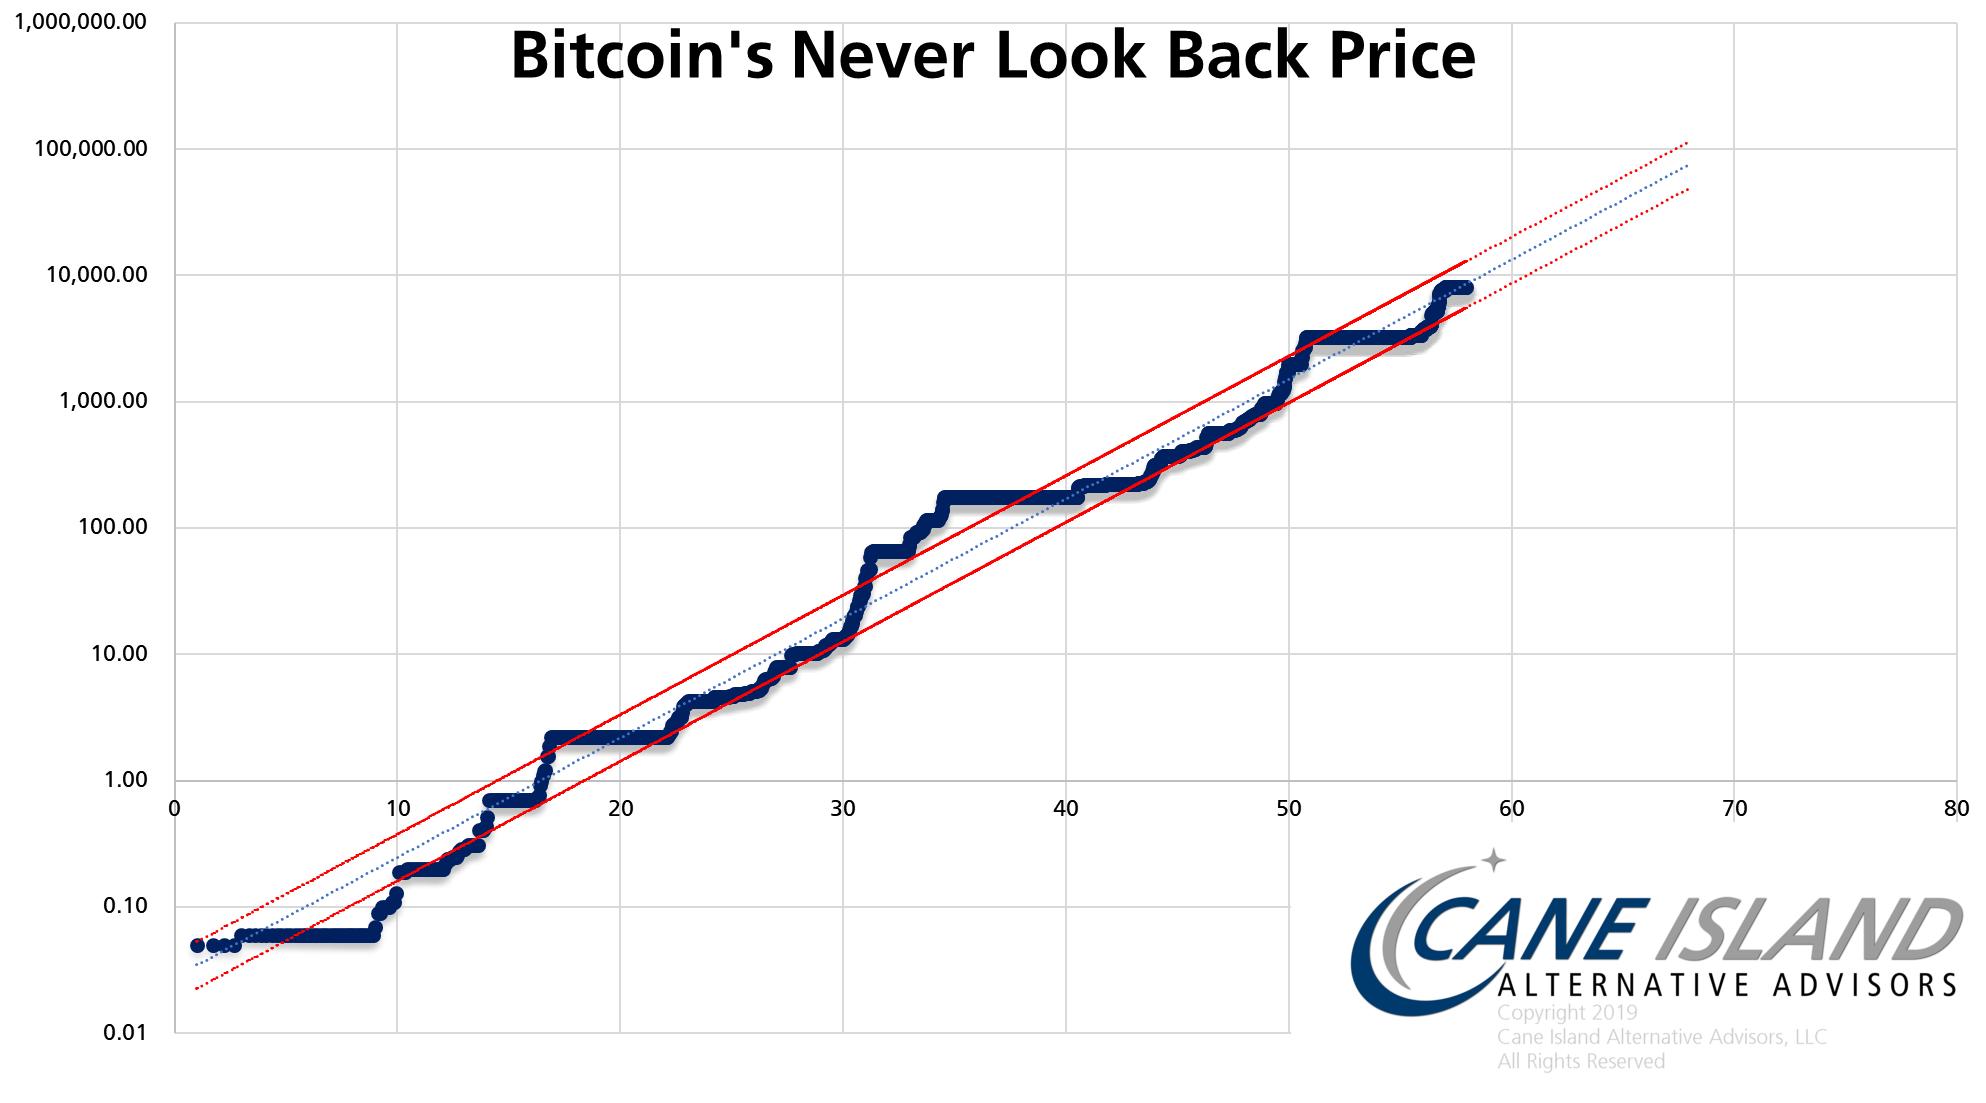 Efektyvios rinkos teorija ir akcijų kainų svyravimai - Apie Investavimą Paprastai